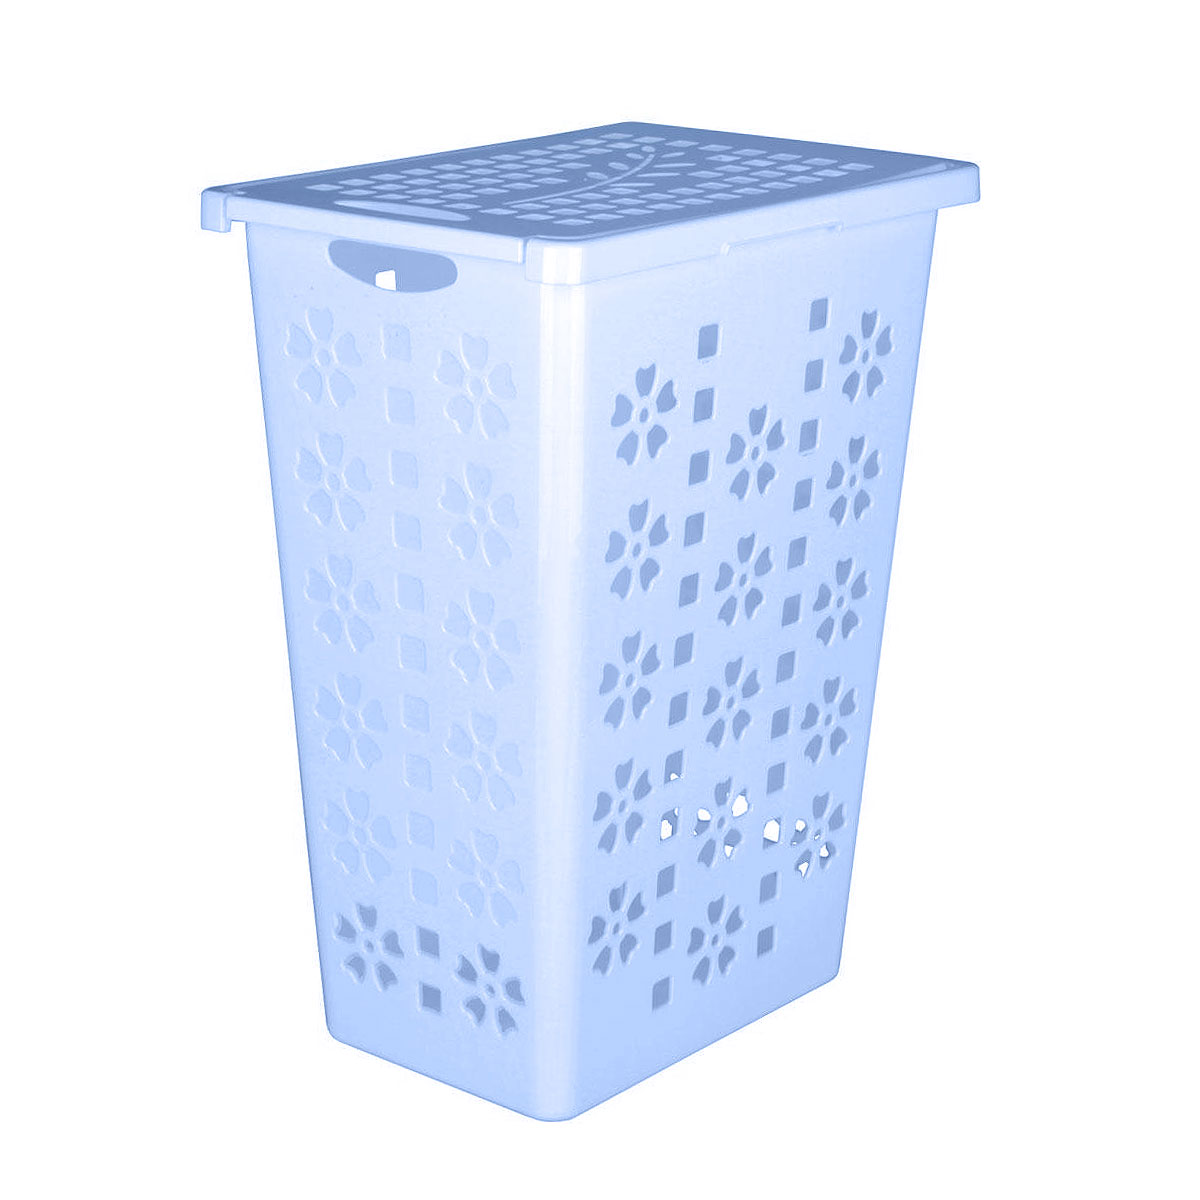 Корзина для белья Альтернатива Виолетта, цвет: голубой, 30 лМ2444Легкая и удобная корзина Альтернатива Виолетта прямоугольной формы, изготовлена из пластика. Она отлично подойдет для хранения белья перед стиркой. Корзина, декорированная небольшими отверстиями в форме цветов и квадратиков, скрывает содержимое корзины от посторонних. Отверстия создают идеальные условия для проветривания. Изделие оснащено крышкой и отверстием для переноски корзины. Такая корзина для белья прекрасно впишется в интерьер ванной комнаты. Объем: 30 л. Размер корзины: 36,5 см х 25 см х 48 см.